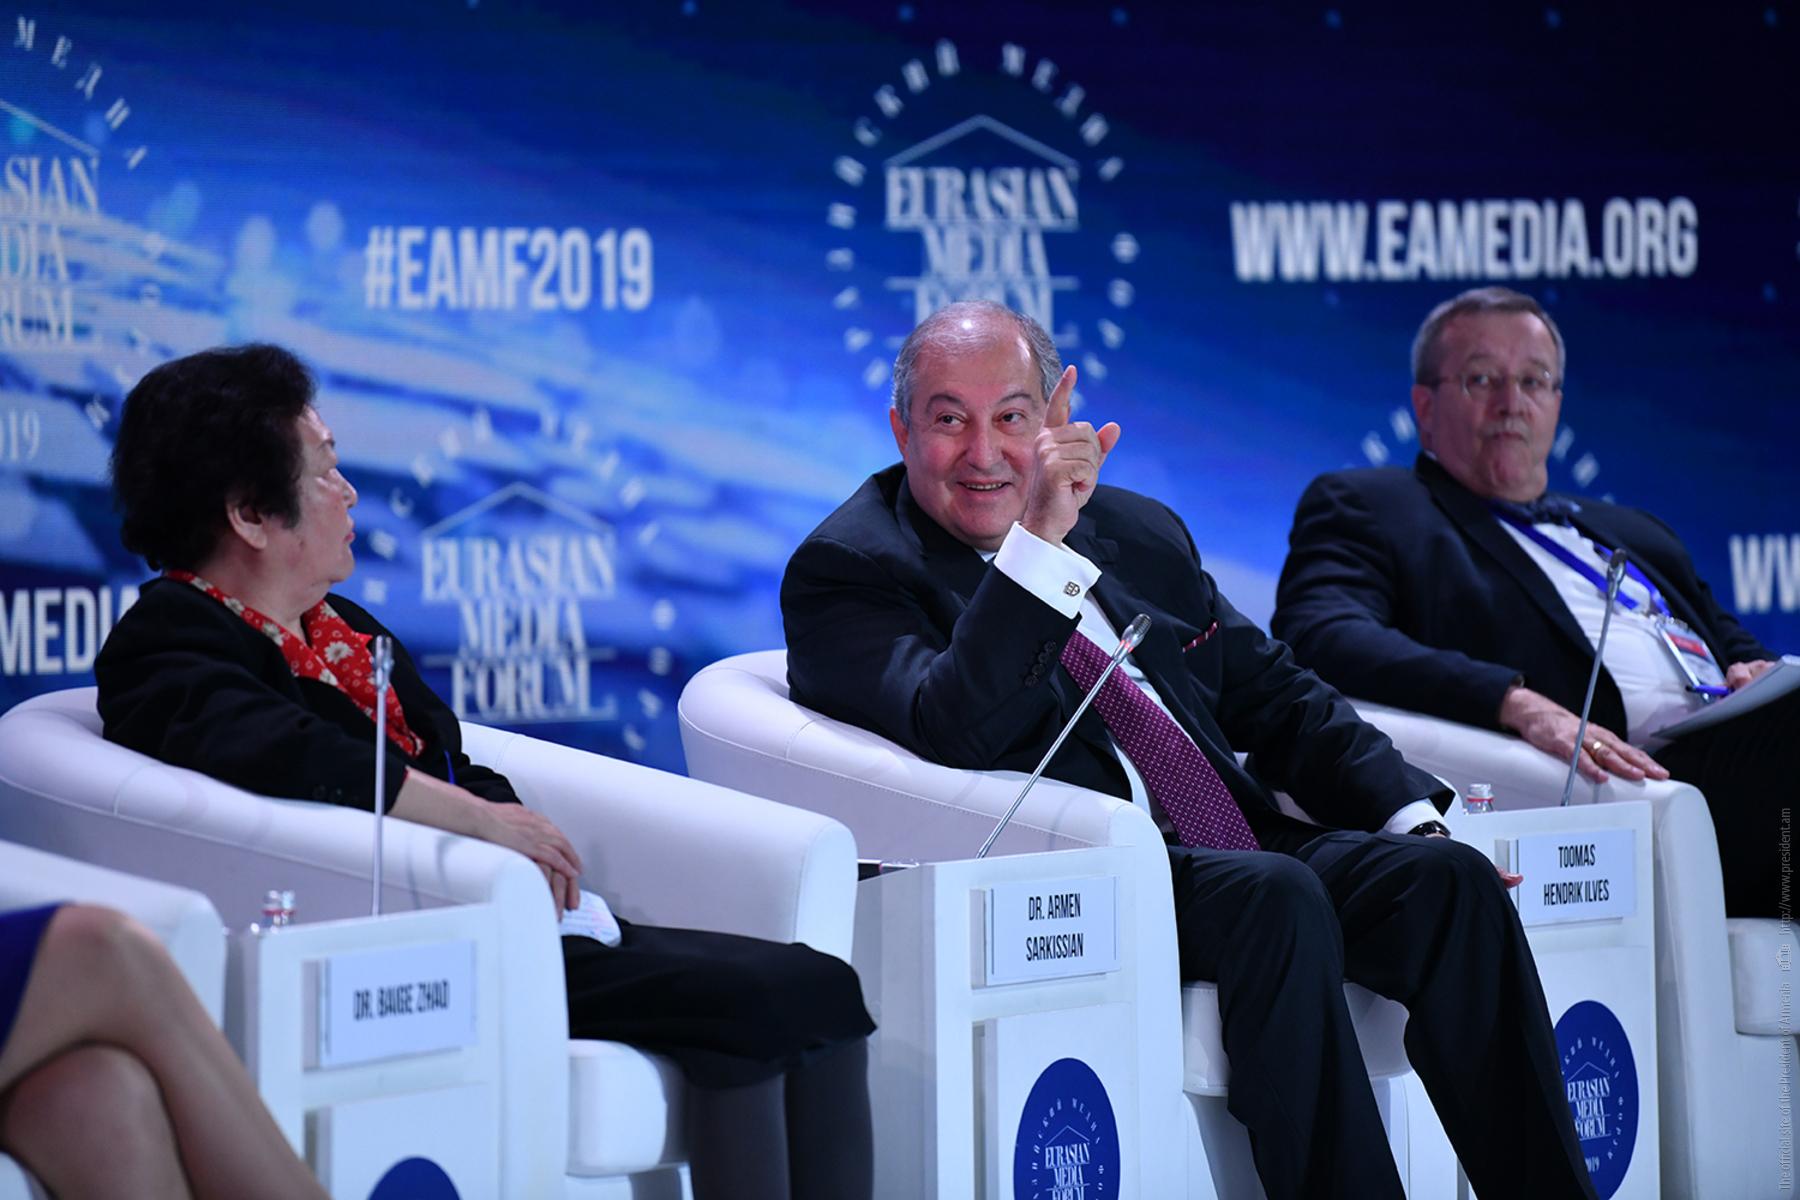 Հայաստանը կարող է դառնալ Եվրասիայի ու Եվրամիության միջև համագործակցության կամուրջ